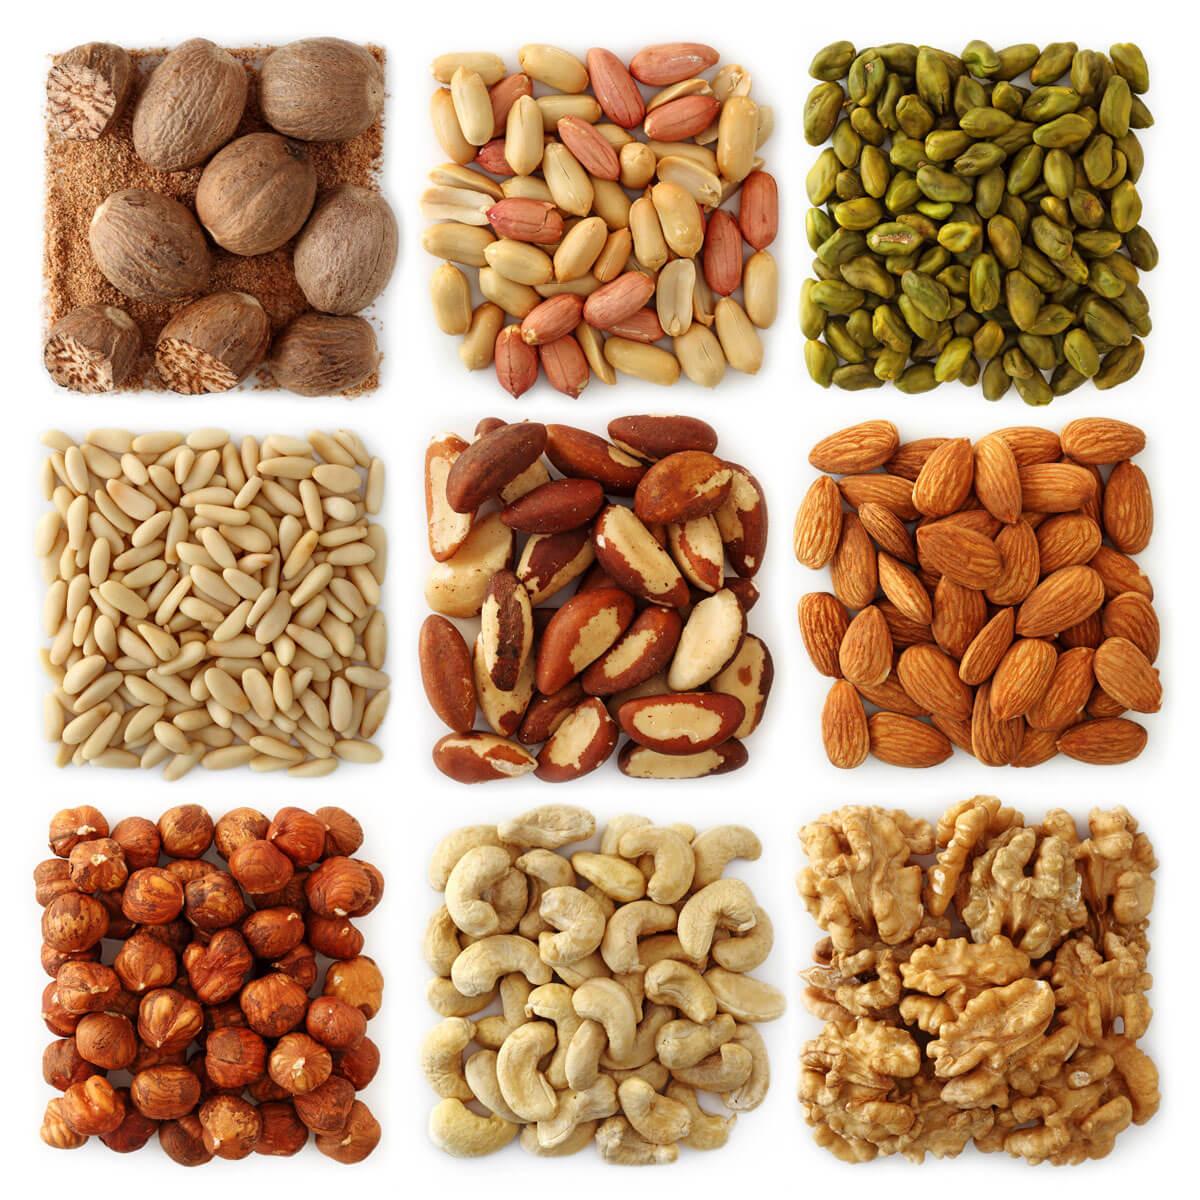 орехи помогут продлить семяизвержение